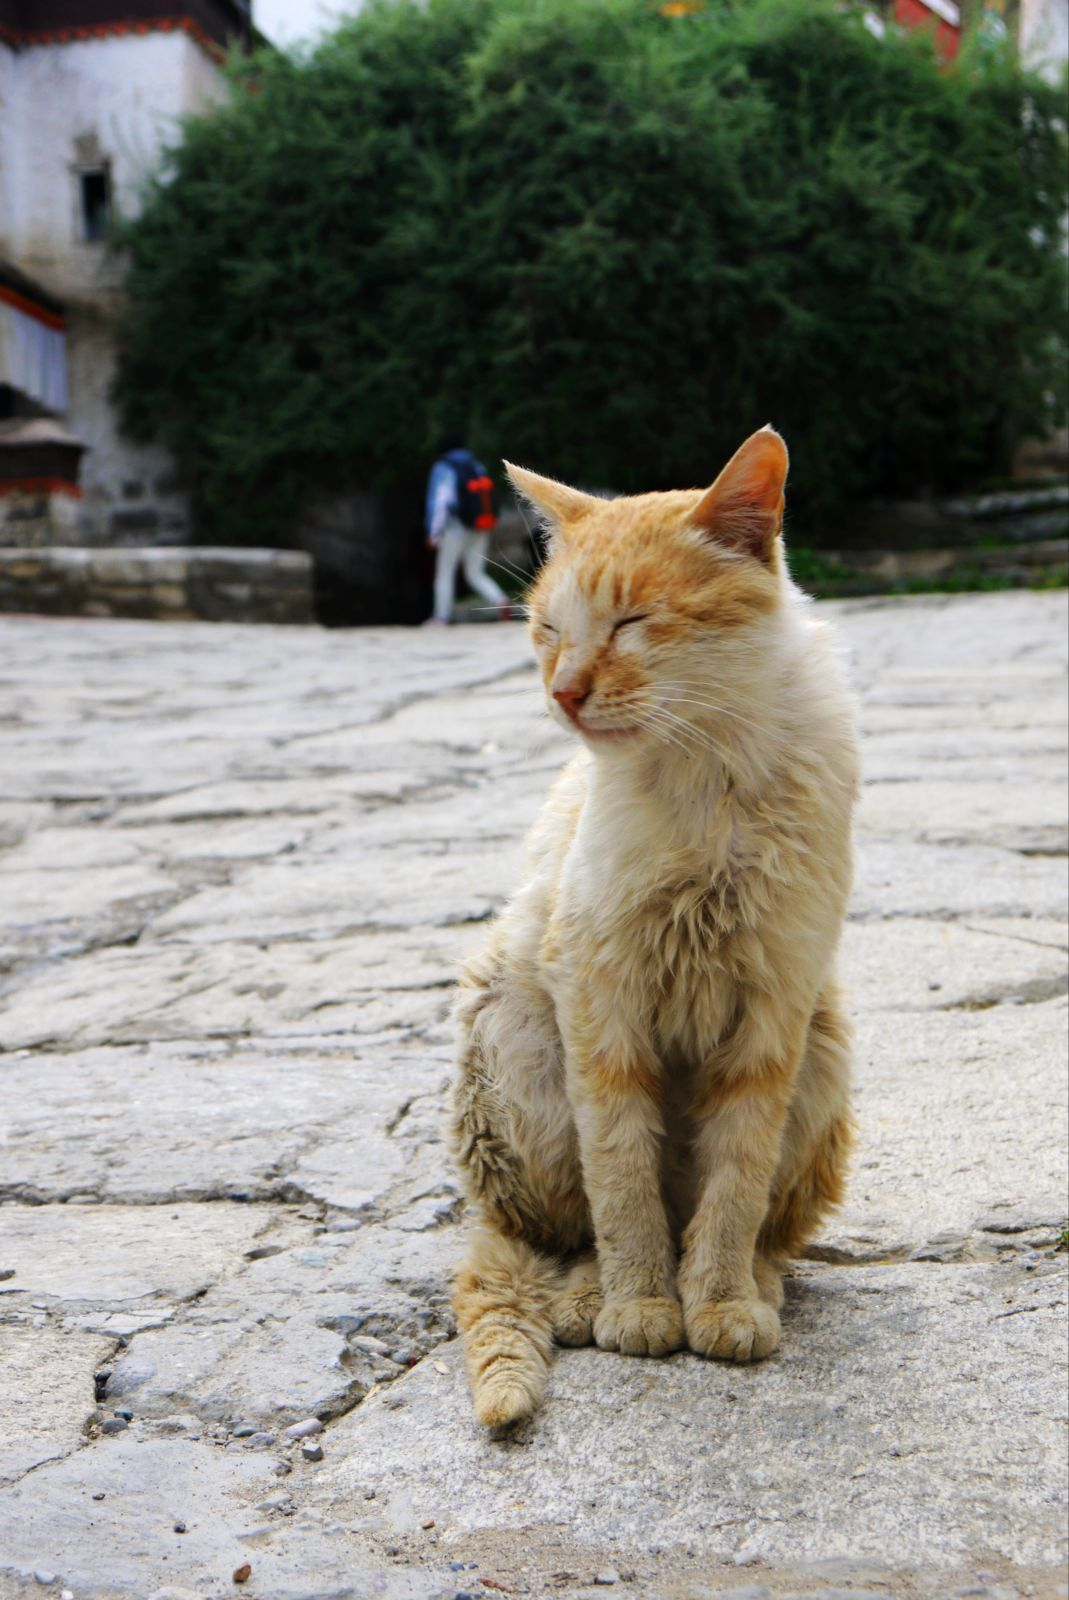 壁纸 动物 狗 狗狗 猫 猫咪 小猫 桌面 1069_1600 竖版 竖屏 手机